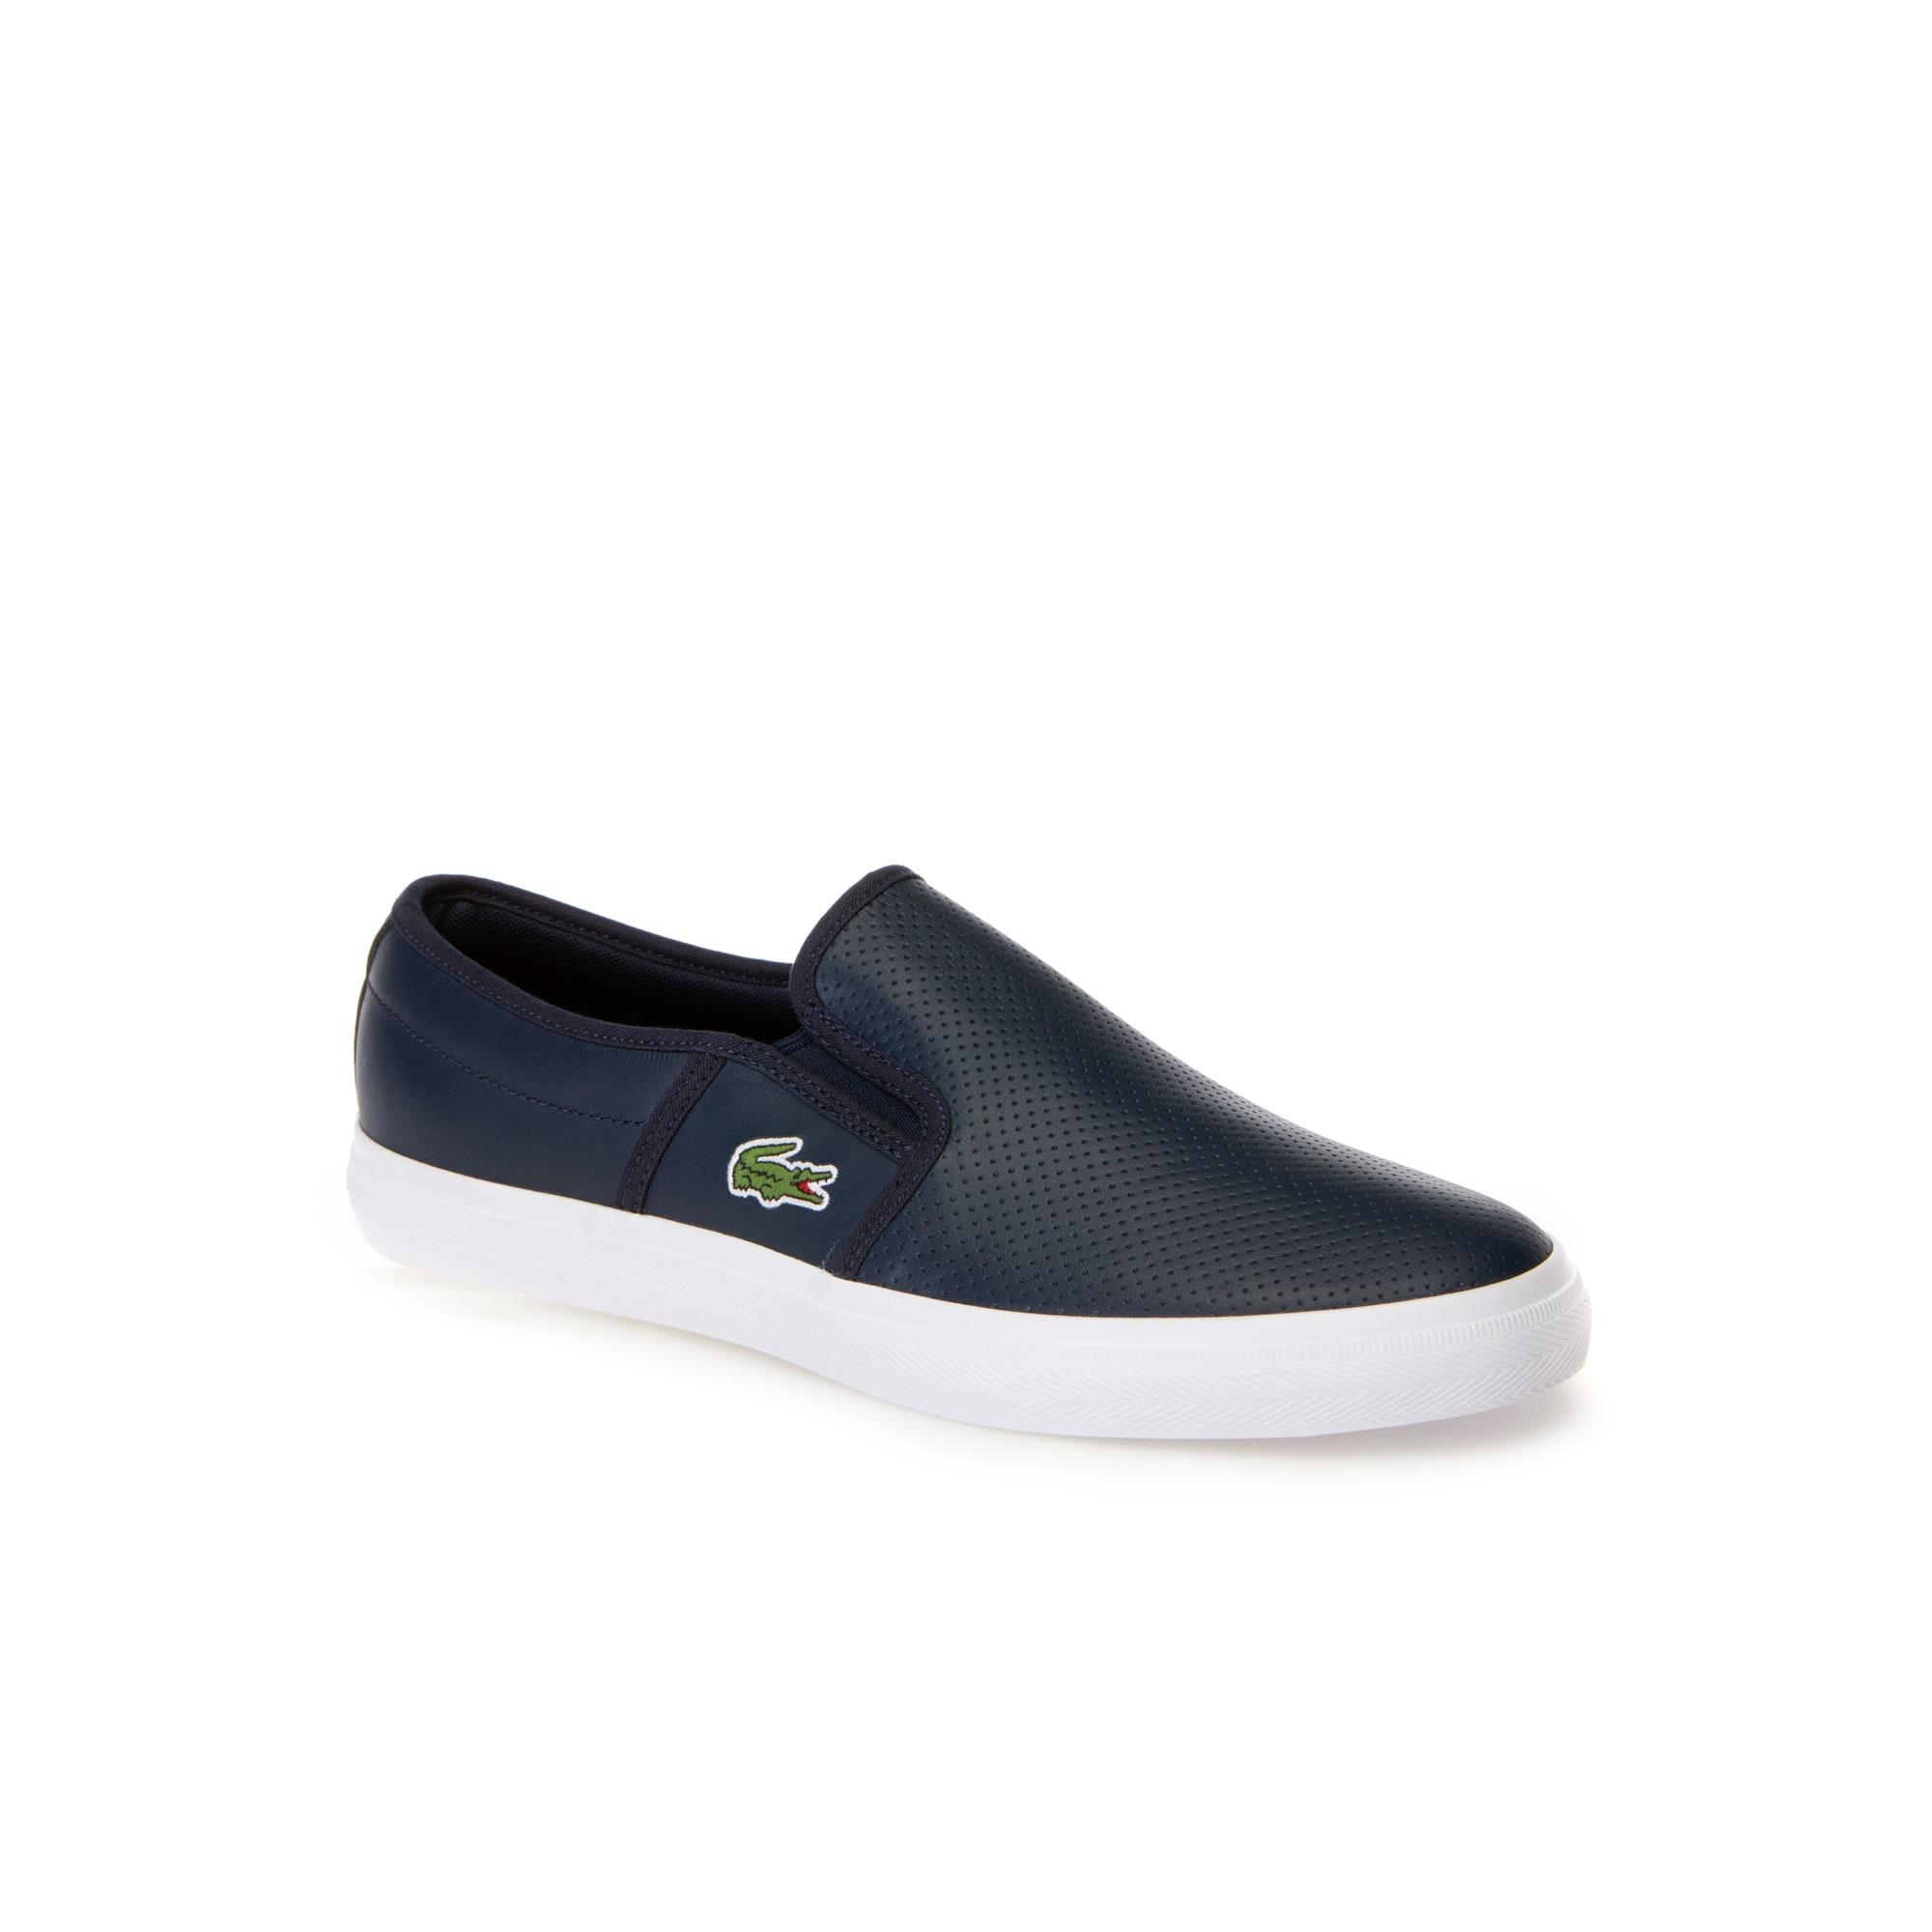 أحذية خفيفة سهلة الارتداء تمتاز بلمسات عصرية ومصنوعة من جلد نابا الناعم وأحادي اللون المثقوب تصميم مريح مختلط بنعل مطاطي مُعالج